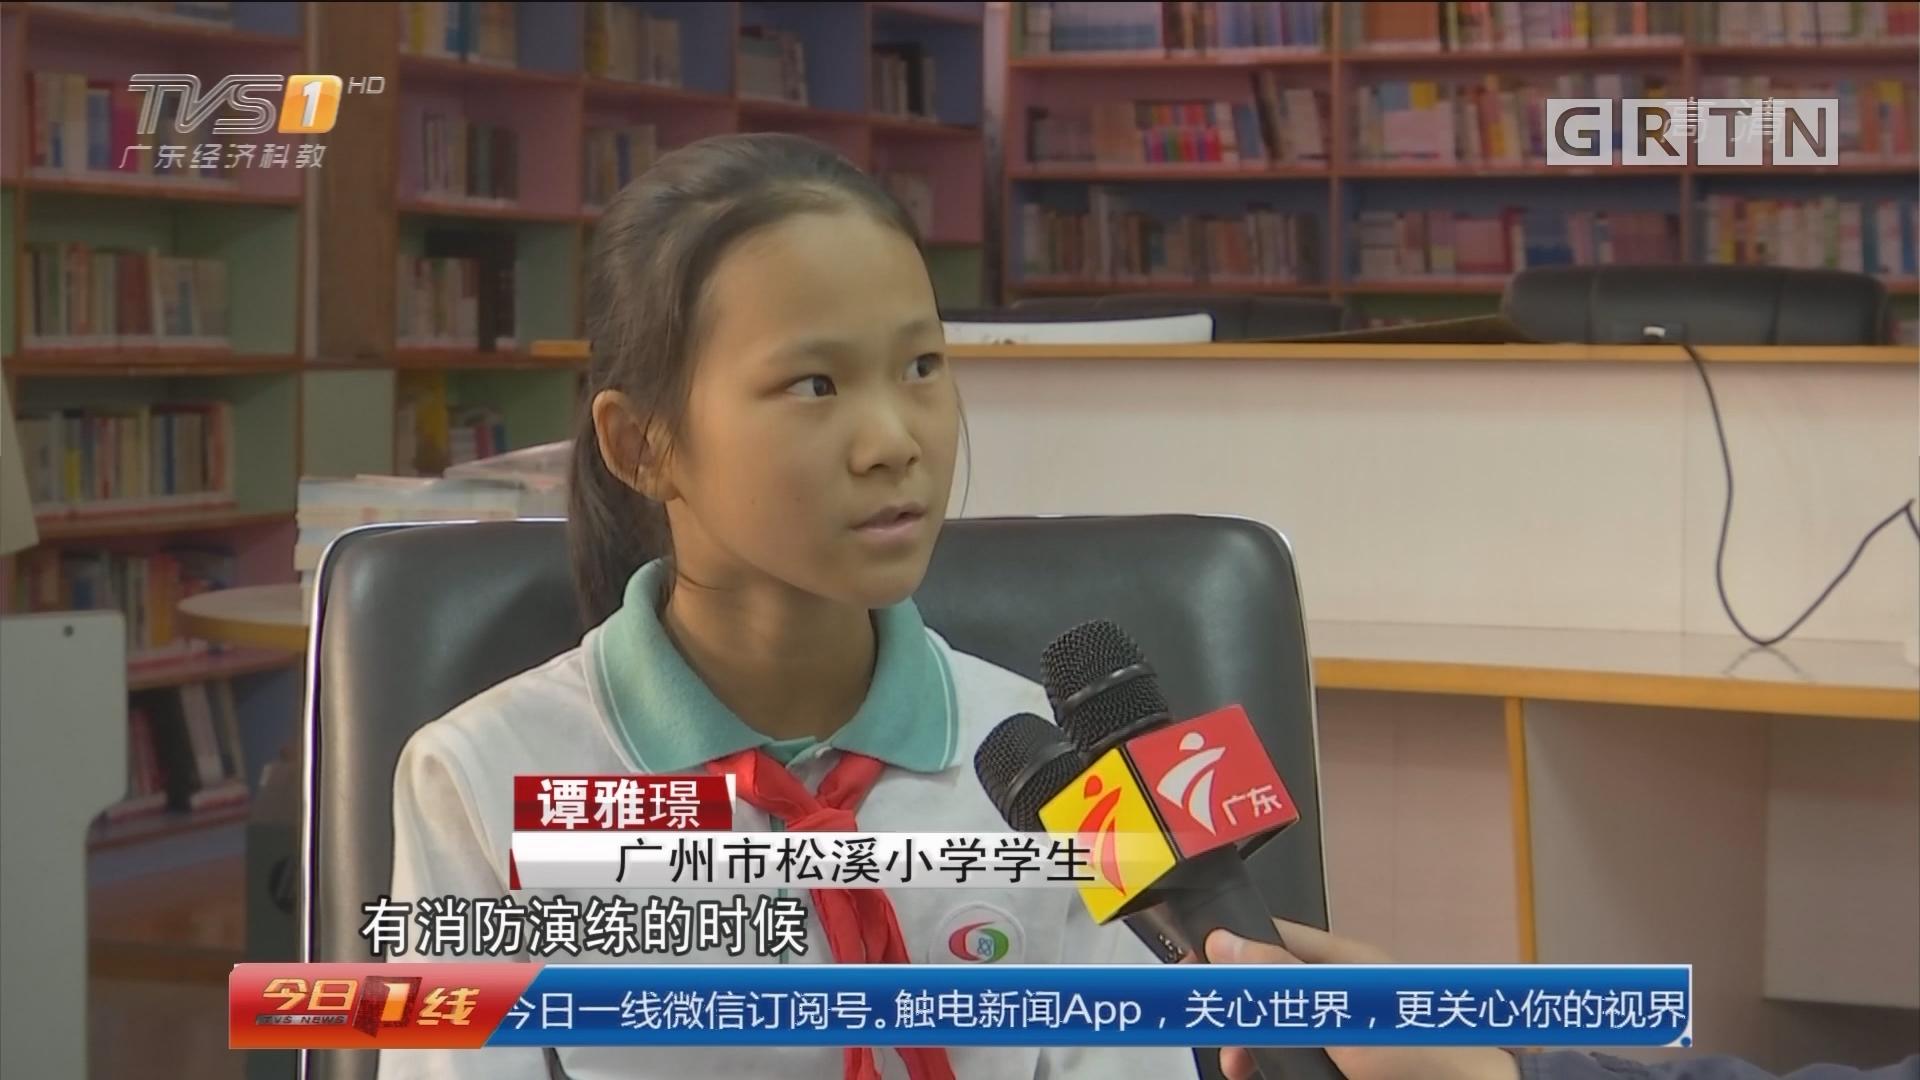 广州白云:小女孩临危不乱 火场勇救弟弟